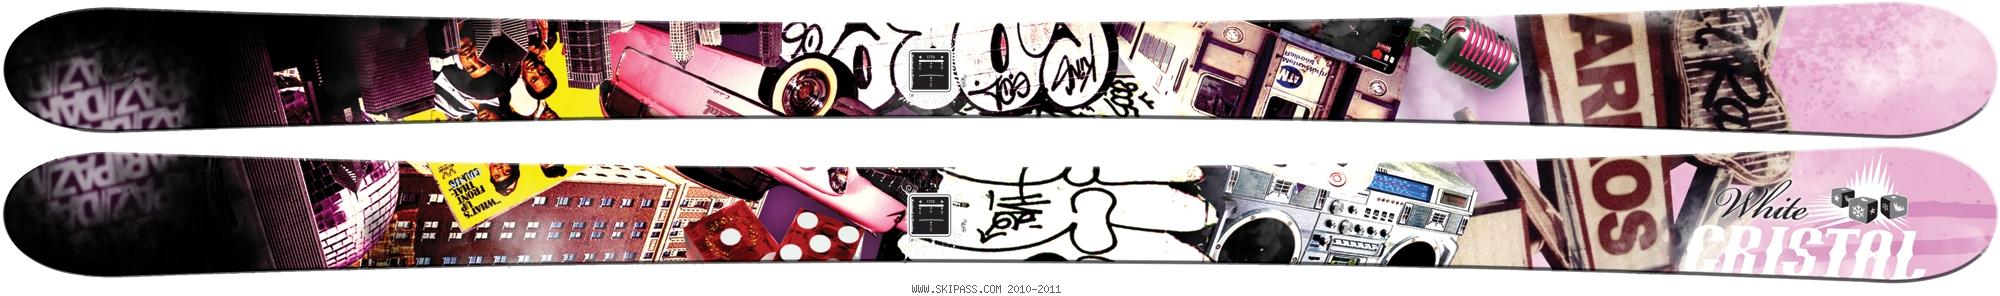 Arkos 2011 White Cristal Arkos